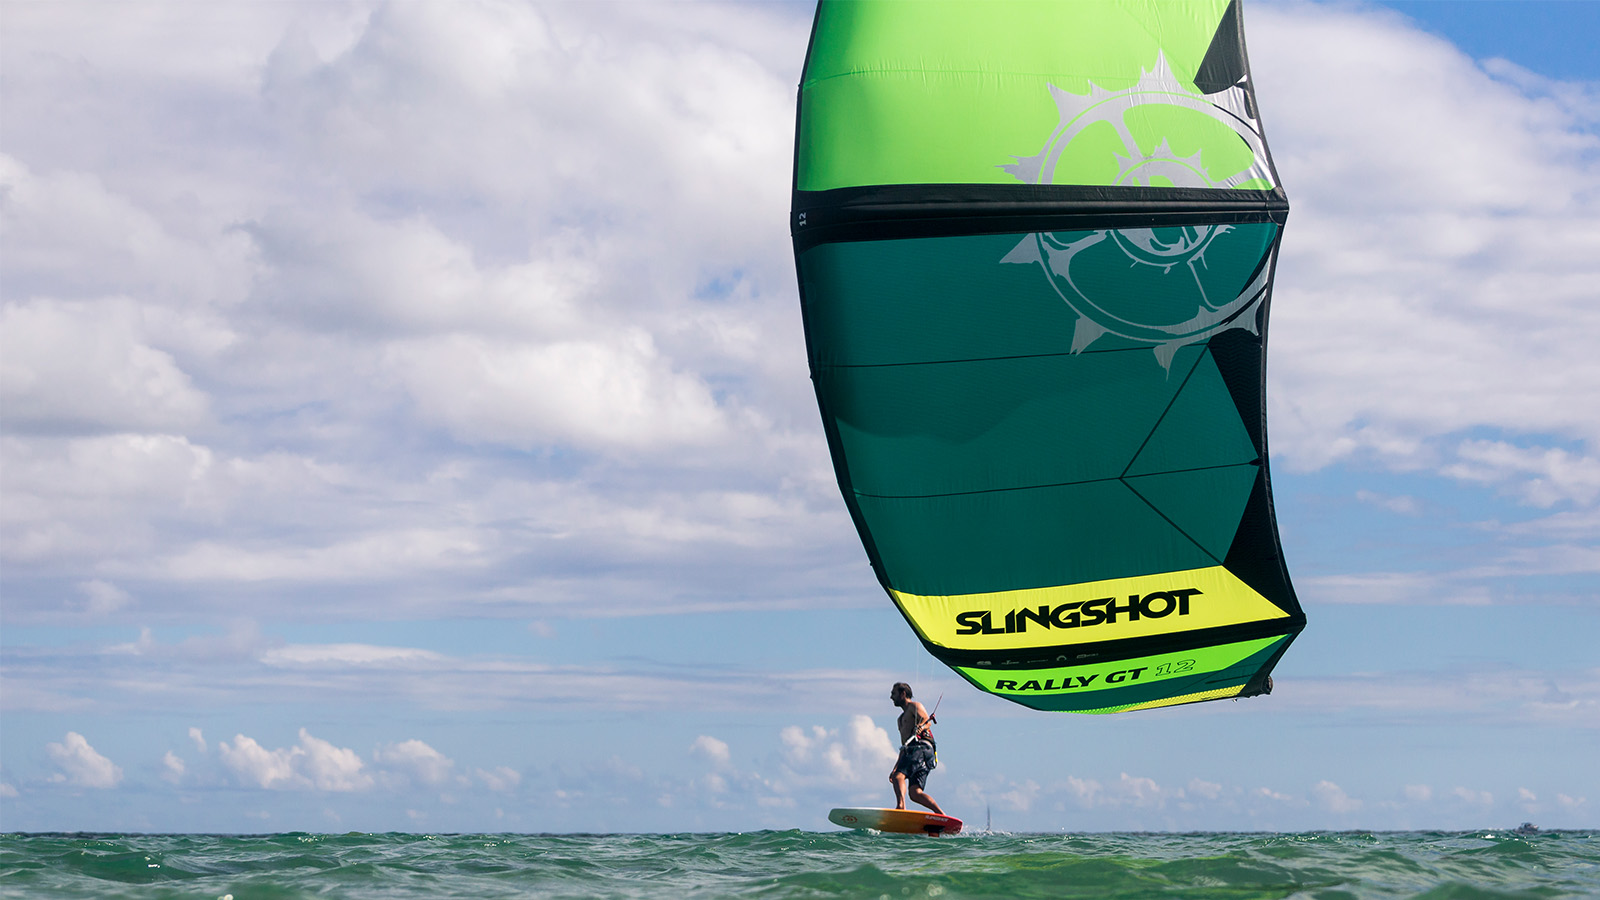 Slingshot 2020 Kites